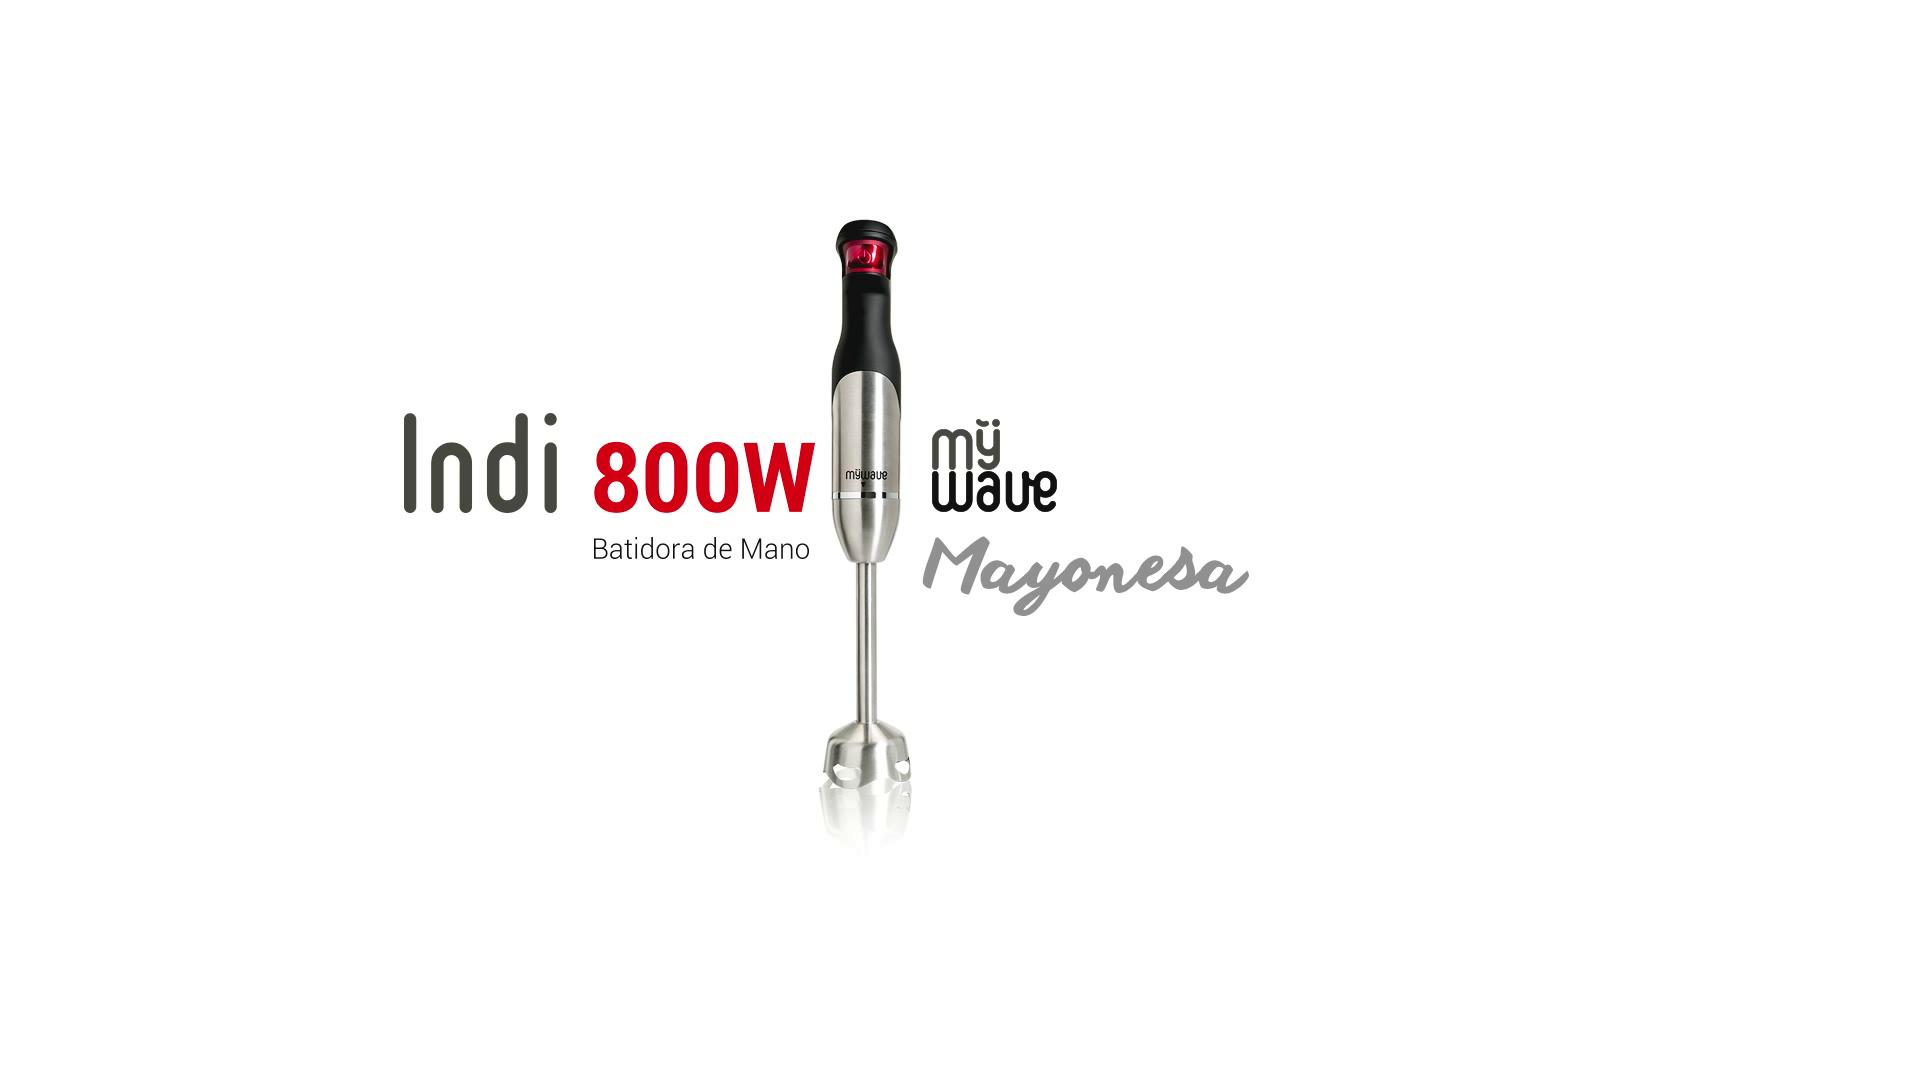 MyWave Indi Batidora de mano, 800 W, 0.6 litros, Acero Inoxidable, Negro/rojo: Amazon.es: Hogar